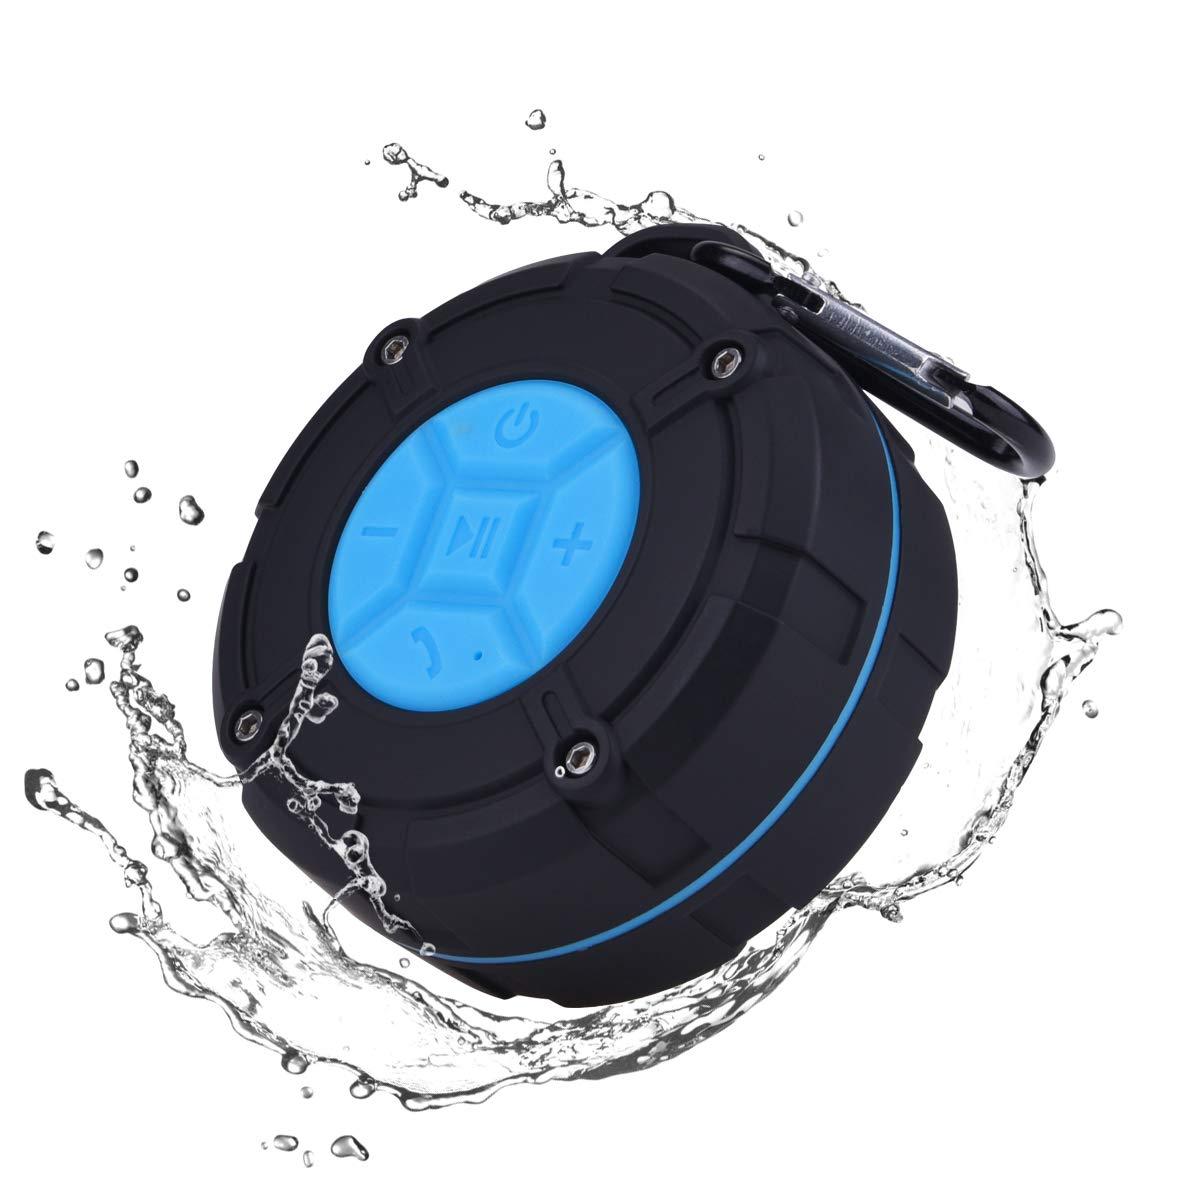 Unitify Altavoz Bluetooth Portatiles, IPX7 Waterproof Bluetooth Speaker con Ventosa, Micrófono, Conductor Ligero 3W, Mic Incorporado para iPhone, Android, Smartphone Windows y Tablets(Azul): Amazon.es: Electrónica